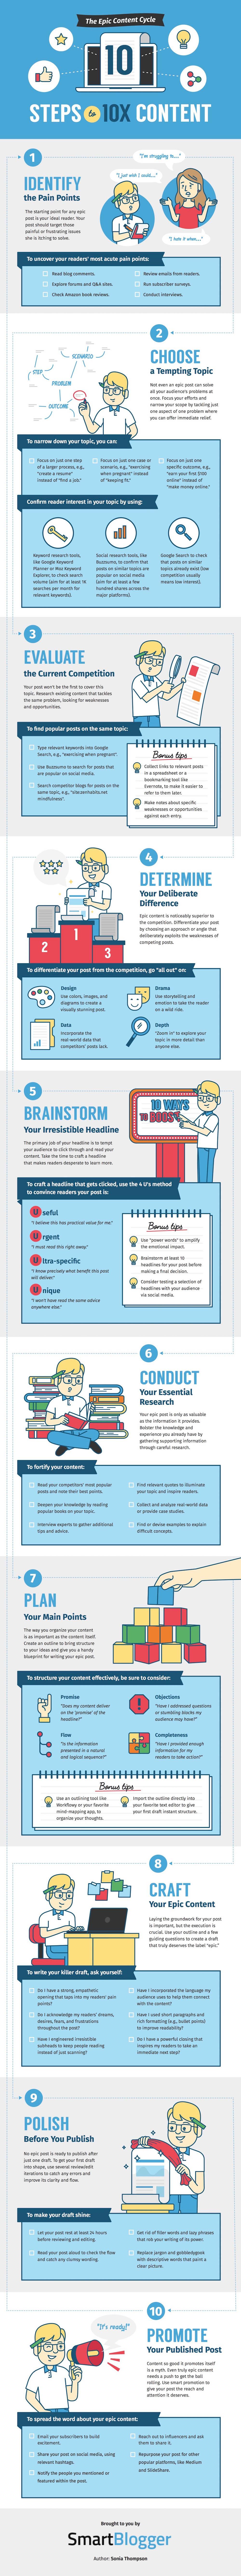 Tutti gli step a sostegno del successo del #contentmarketing ^_^